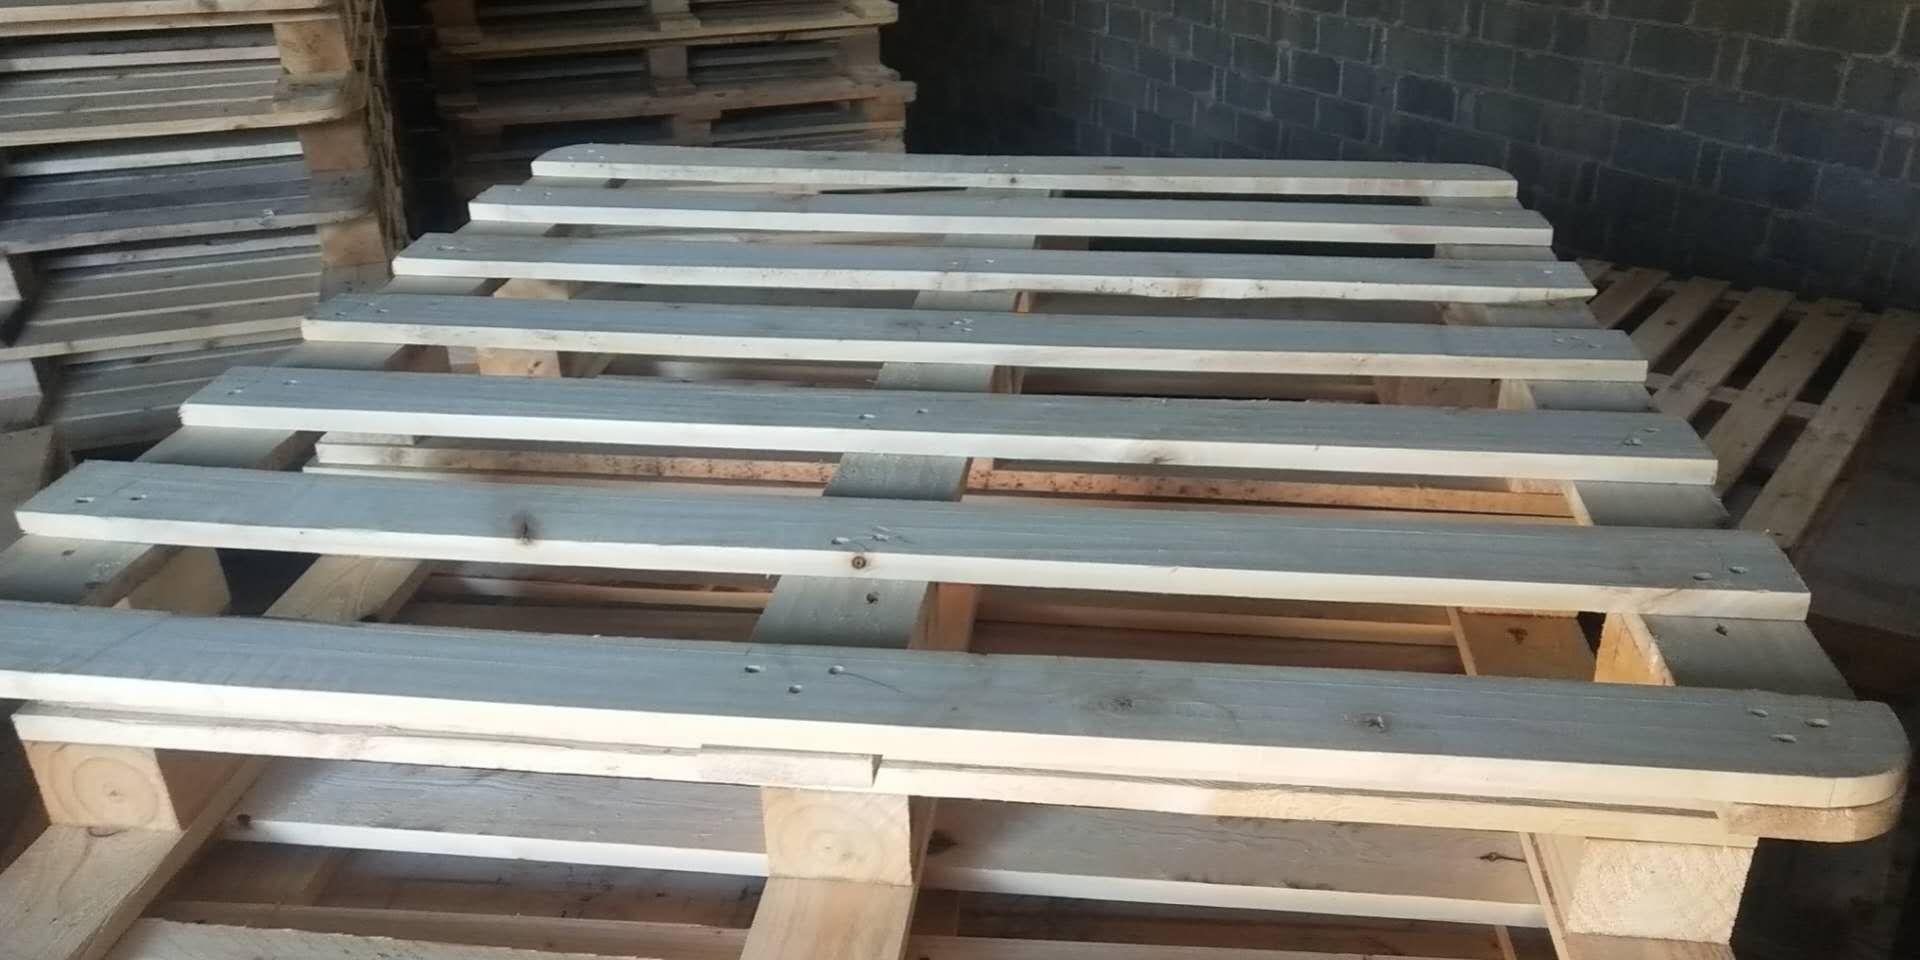 什么世界首富马斯克曾在木材厂工作过!?.jpg